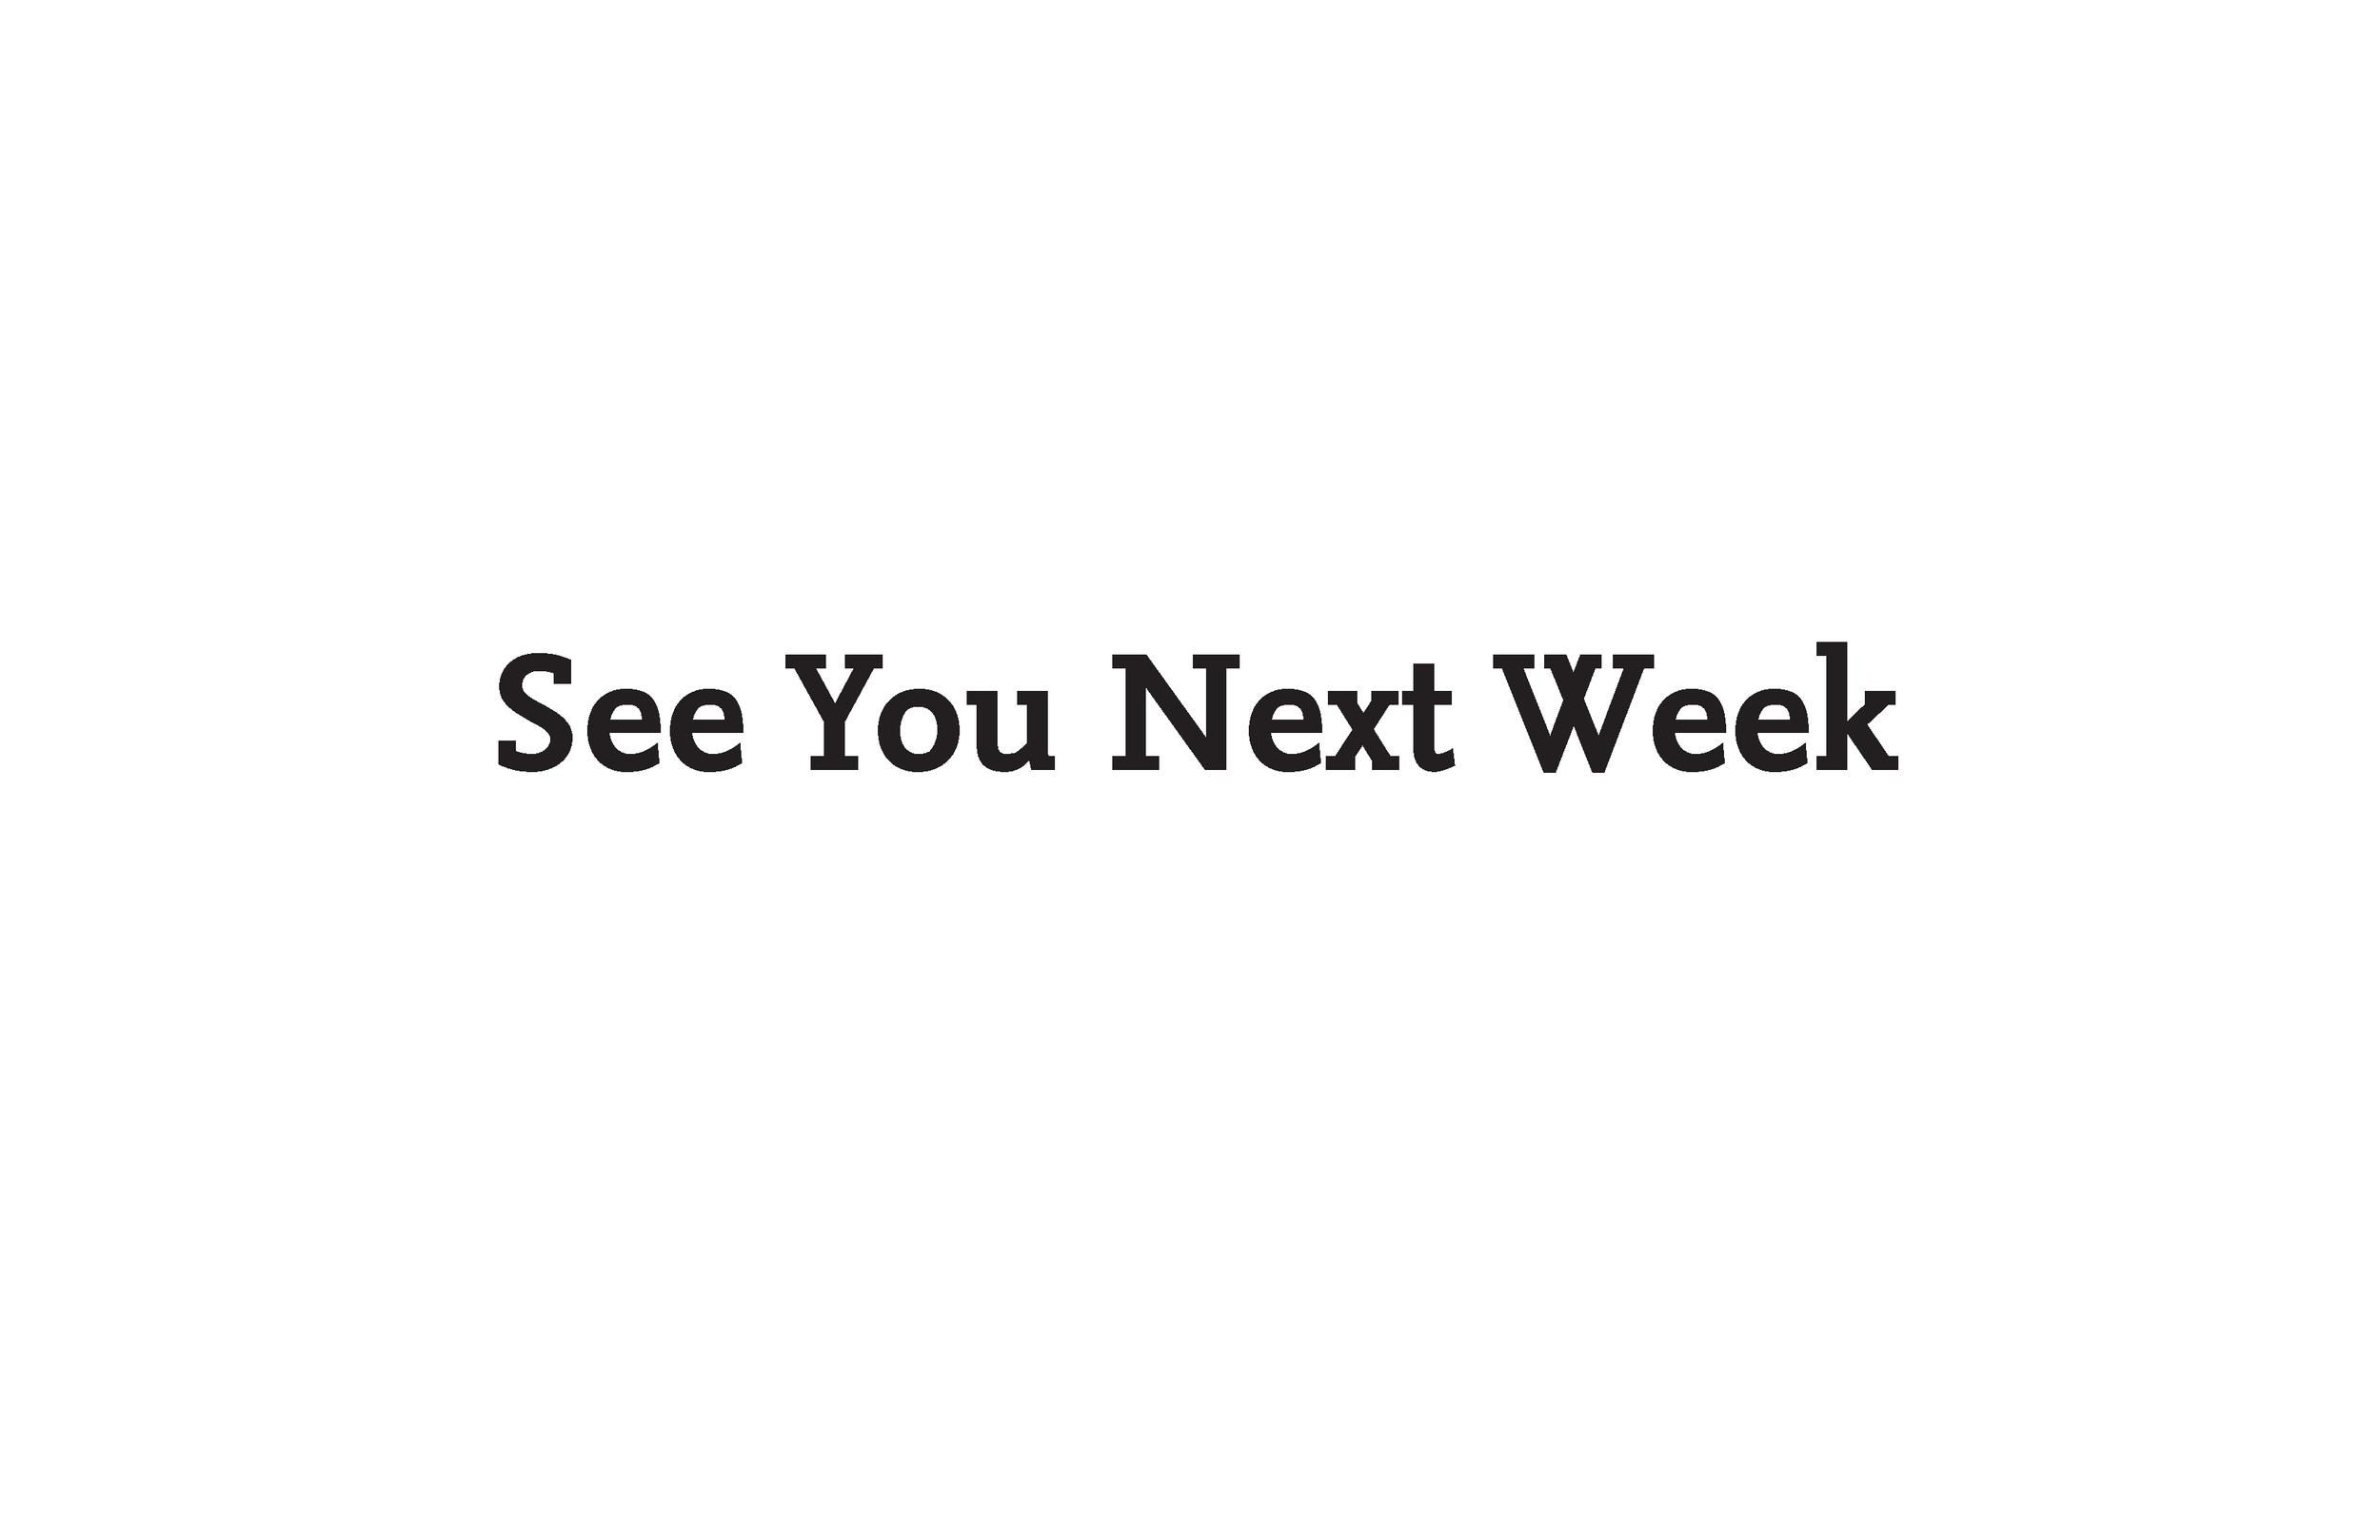 PEM_S19_Week_4_1_Page_39.png